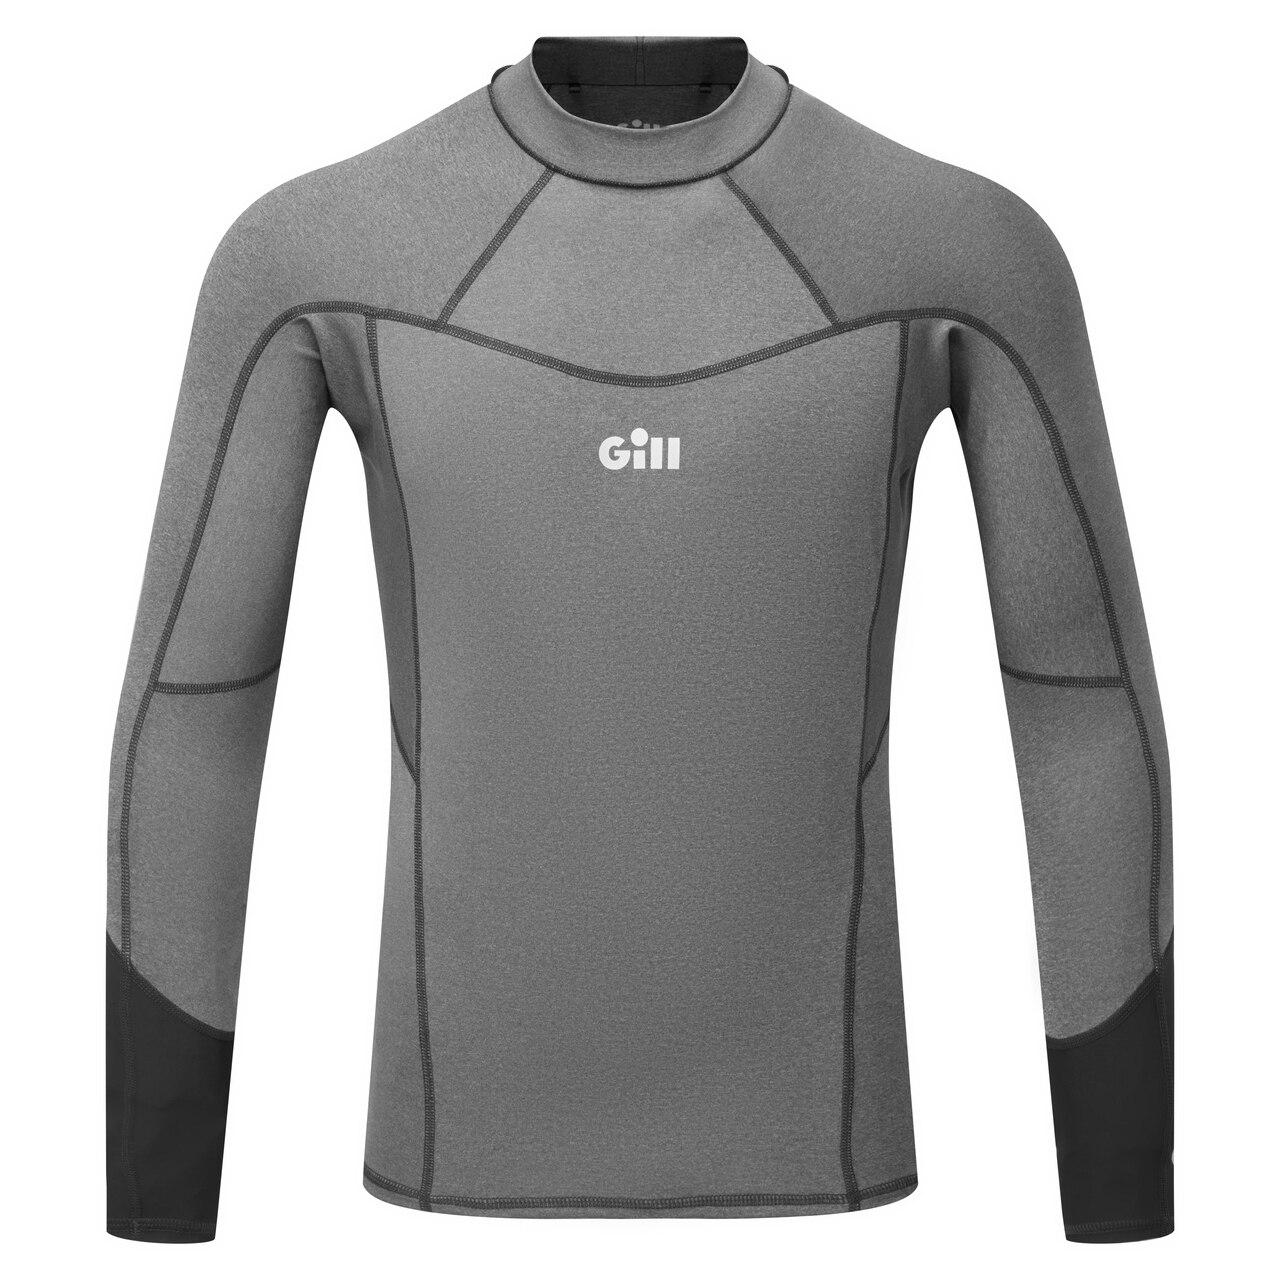 Pro Rash Vest Long Sleeve Men's - 5020-GRE18-1.jpg